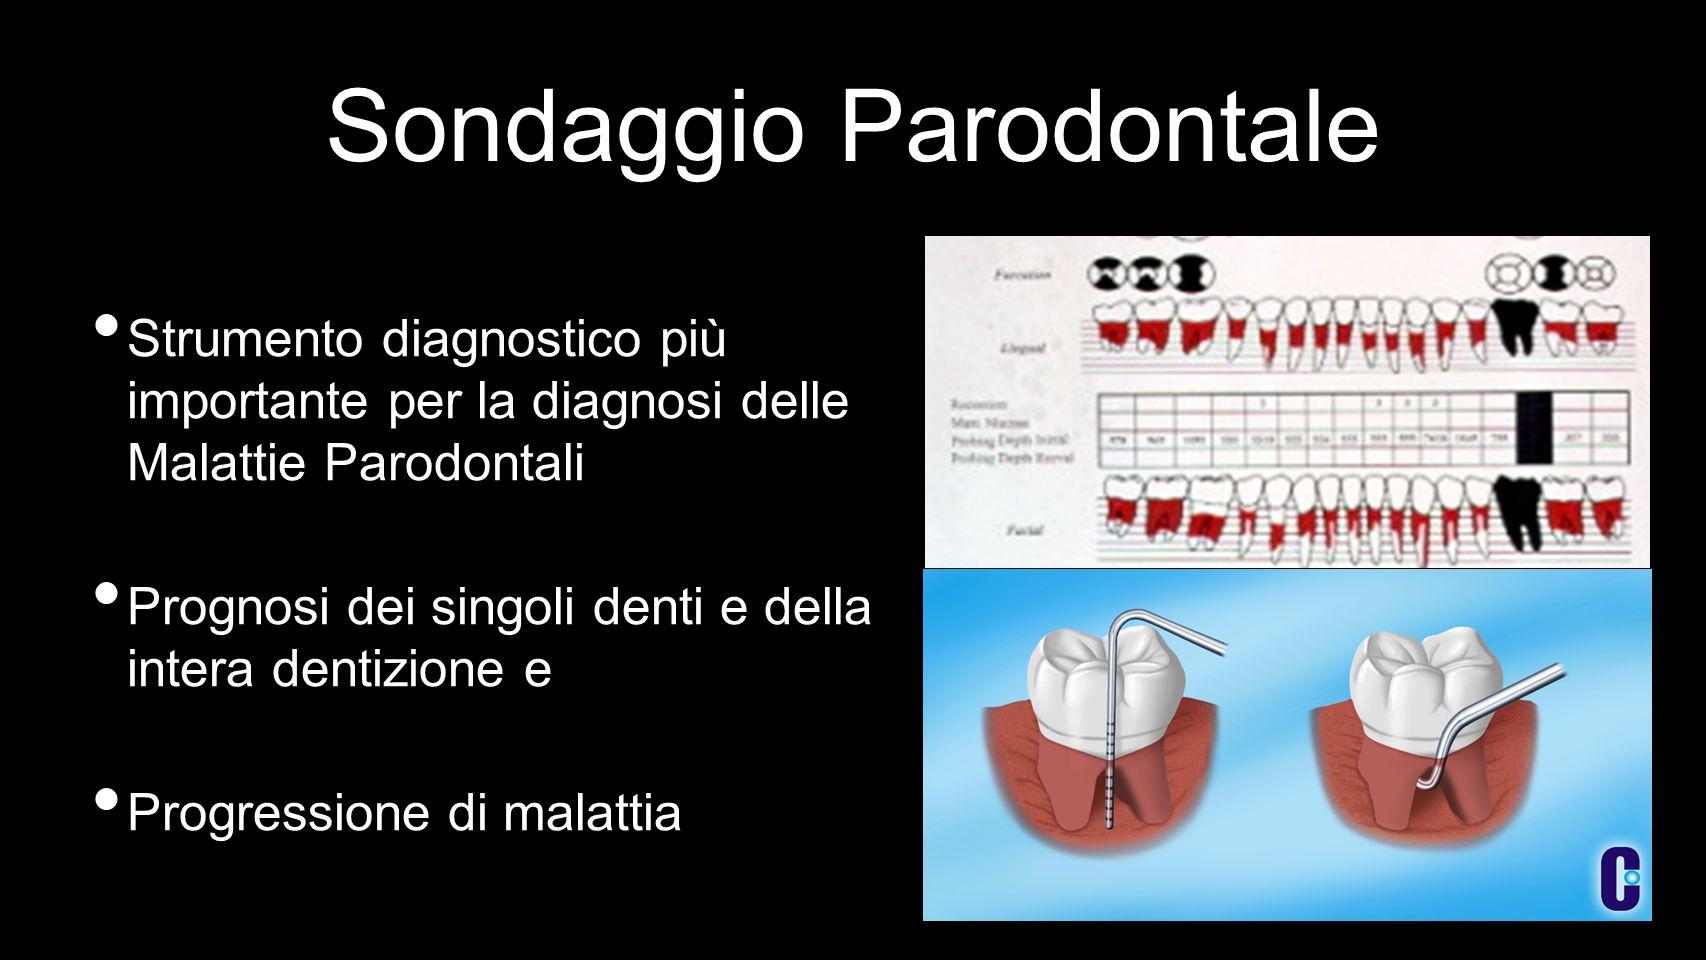 Sondaggio Parodontale Strumento diagnostico più importante per la diagnosi delle Malattie Parodontali Prognosi dei singoli denti e della intera dentizione e Progressione di malattia